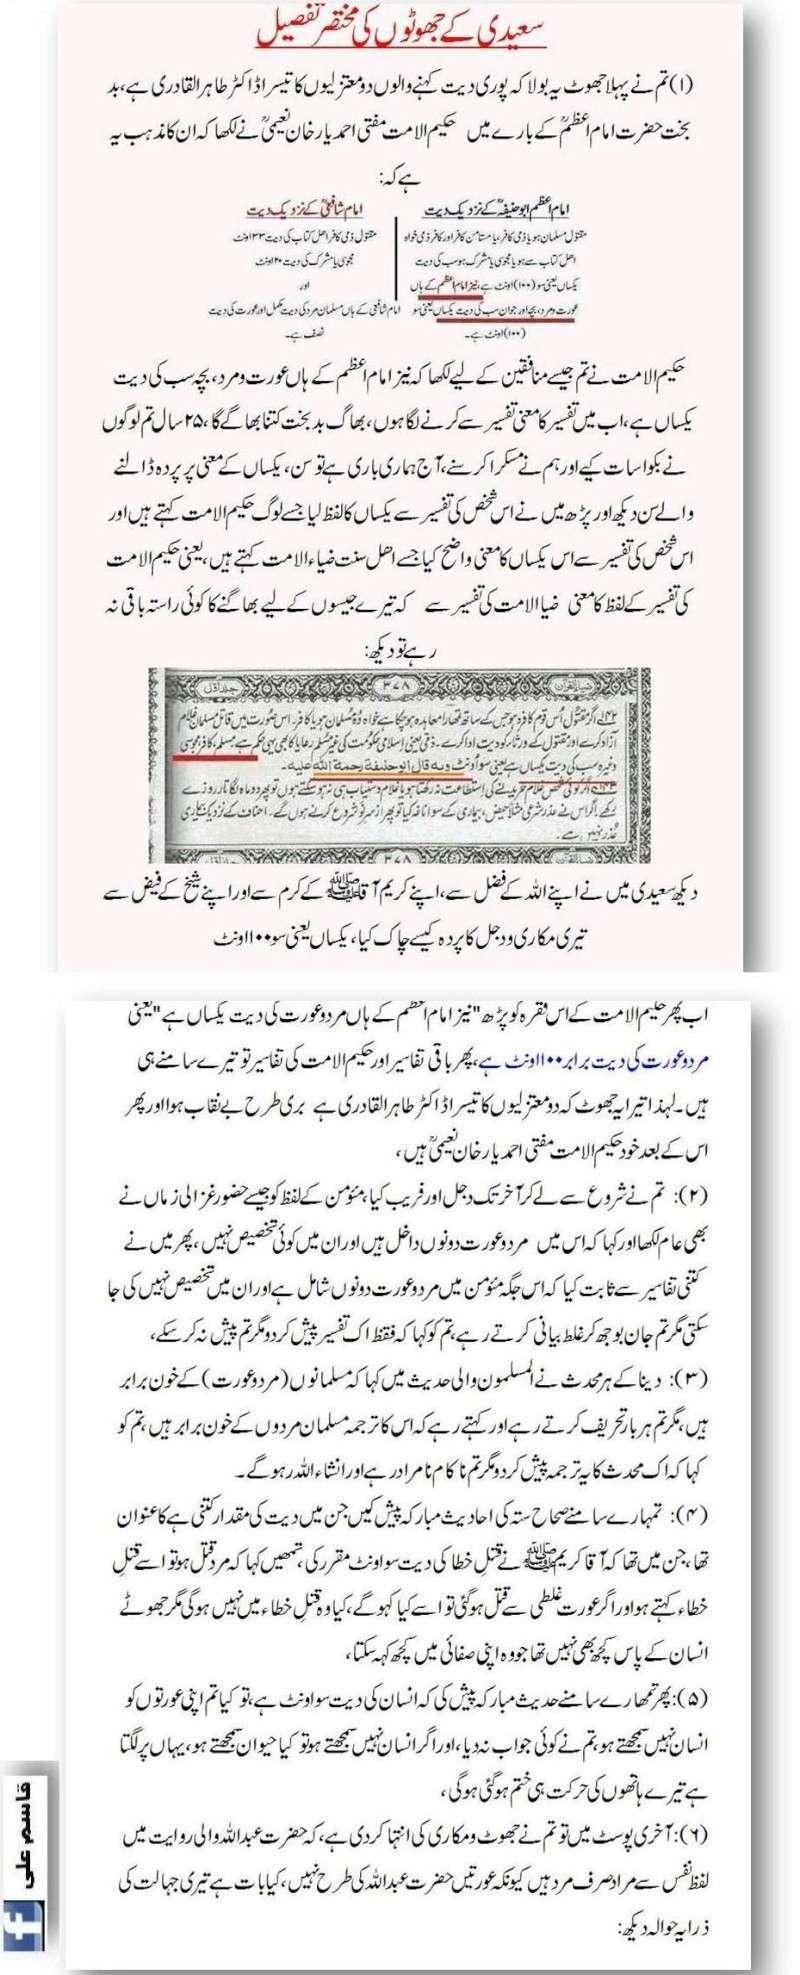 دیت کی جعلی فتوی فیکٹری پر منہاج القرآن کی فتح کا جھنڈا - Page 2 2d10